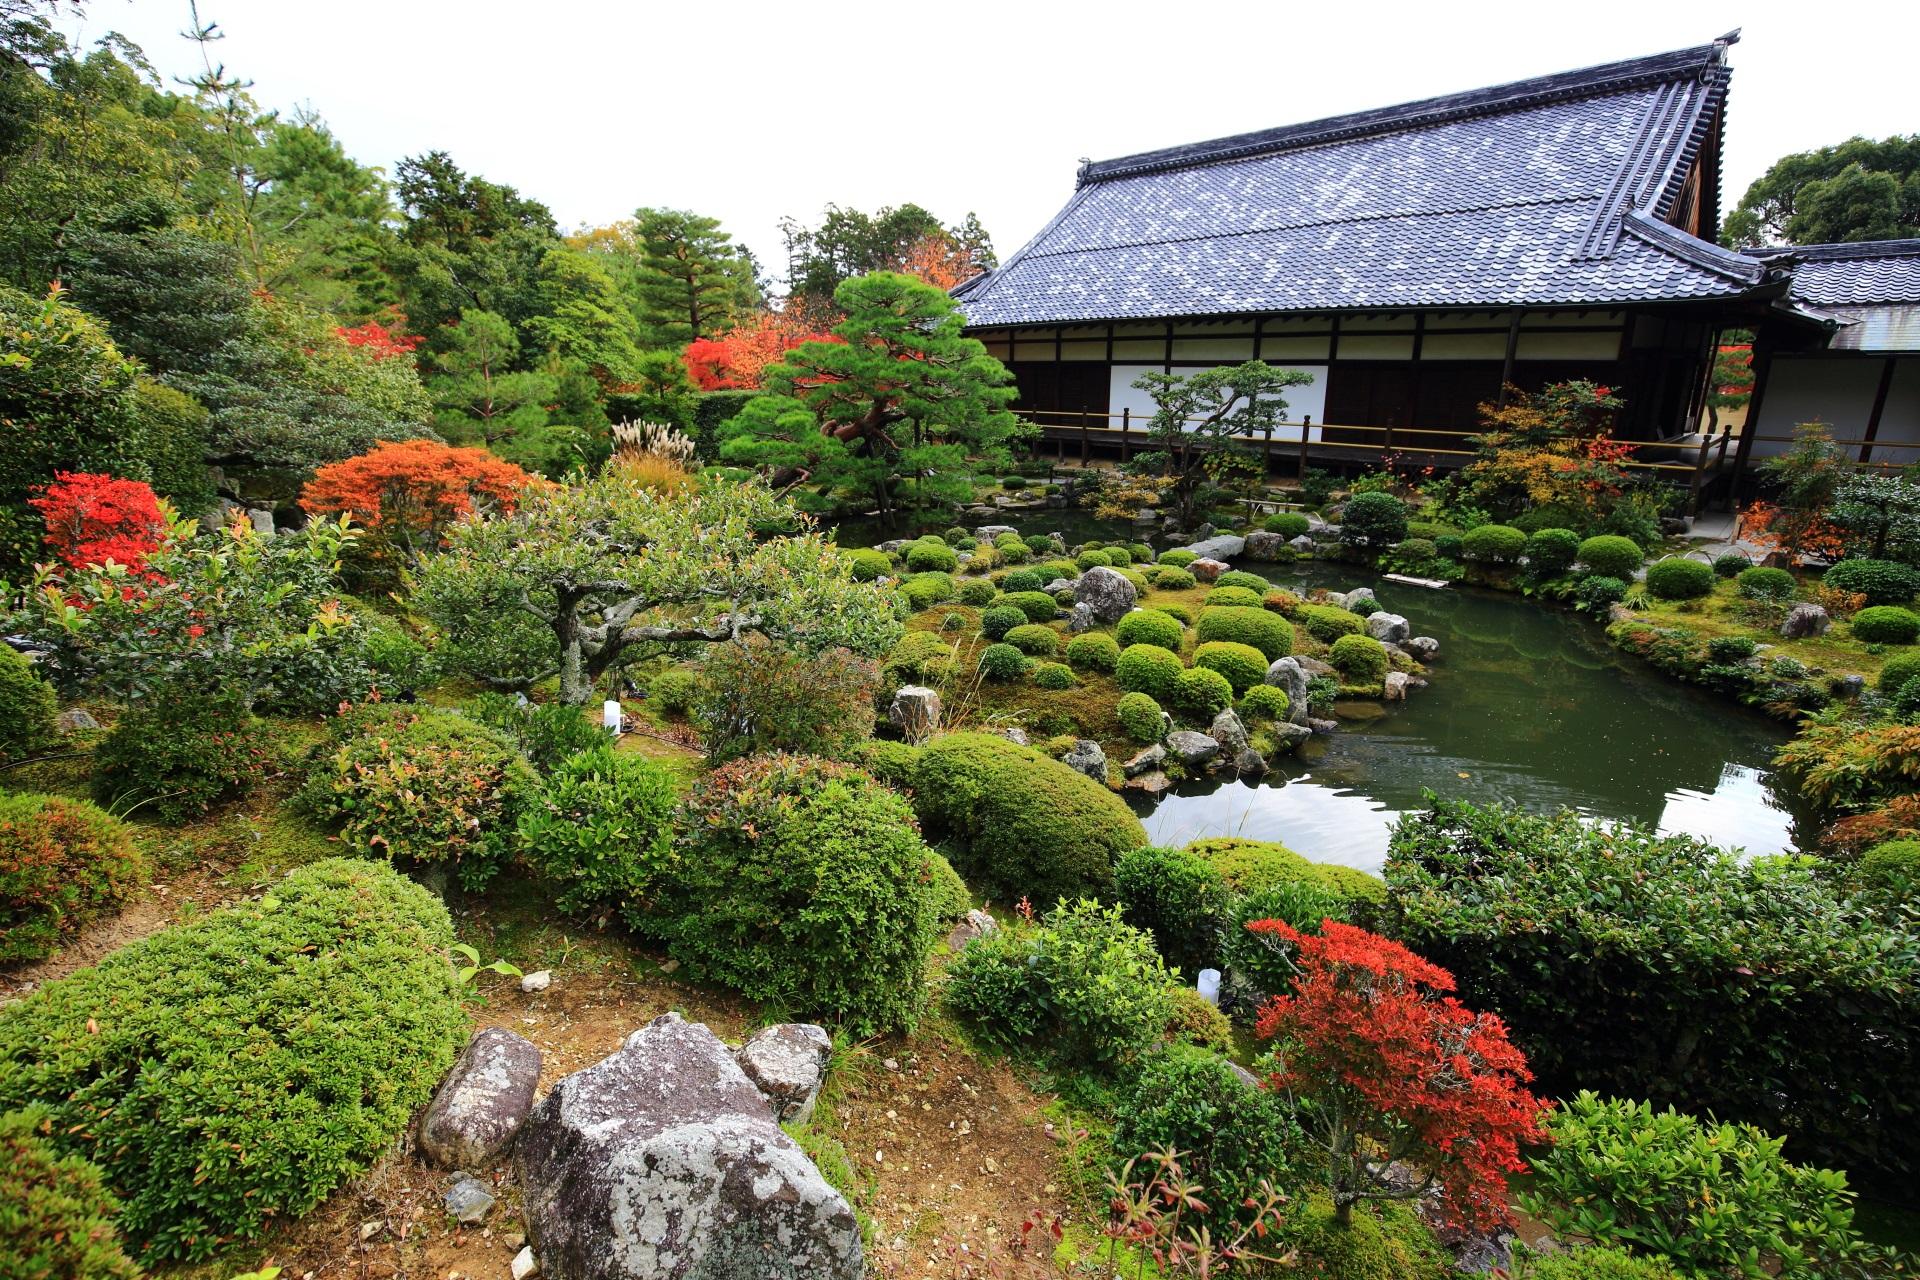 清漣亭の方から眺めた西庭の芙蓉池や方丈と際立つ紅葉